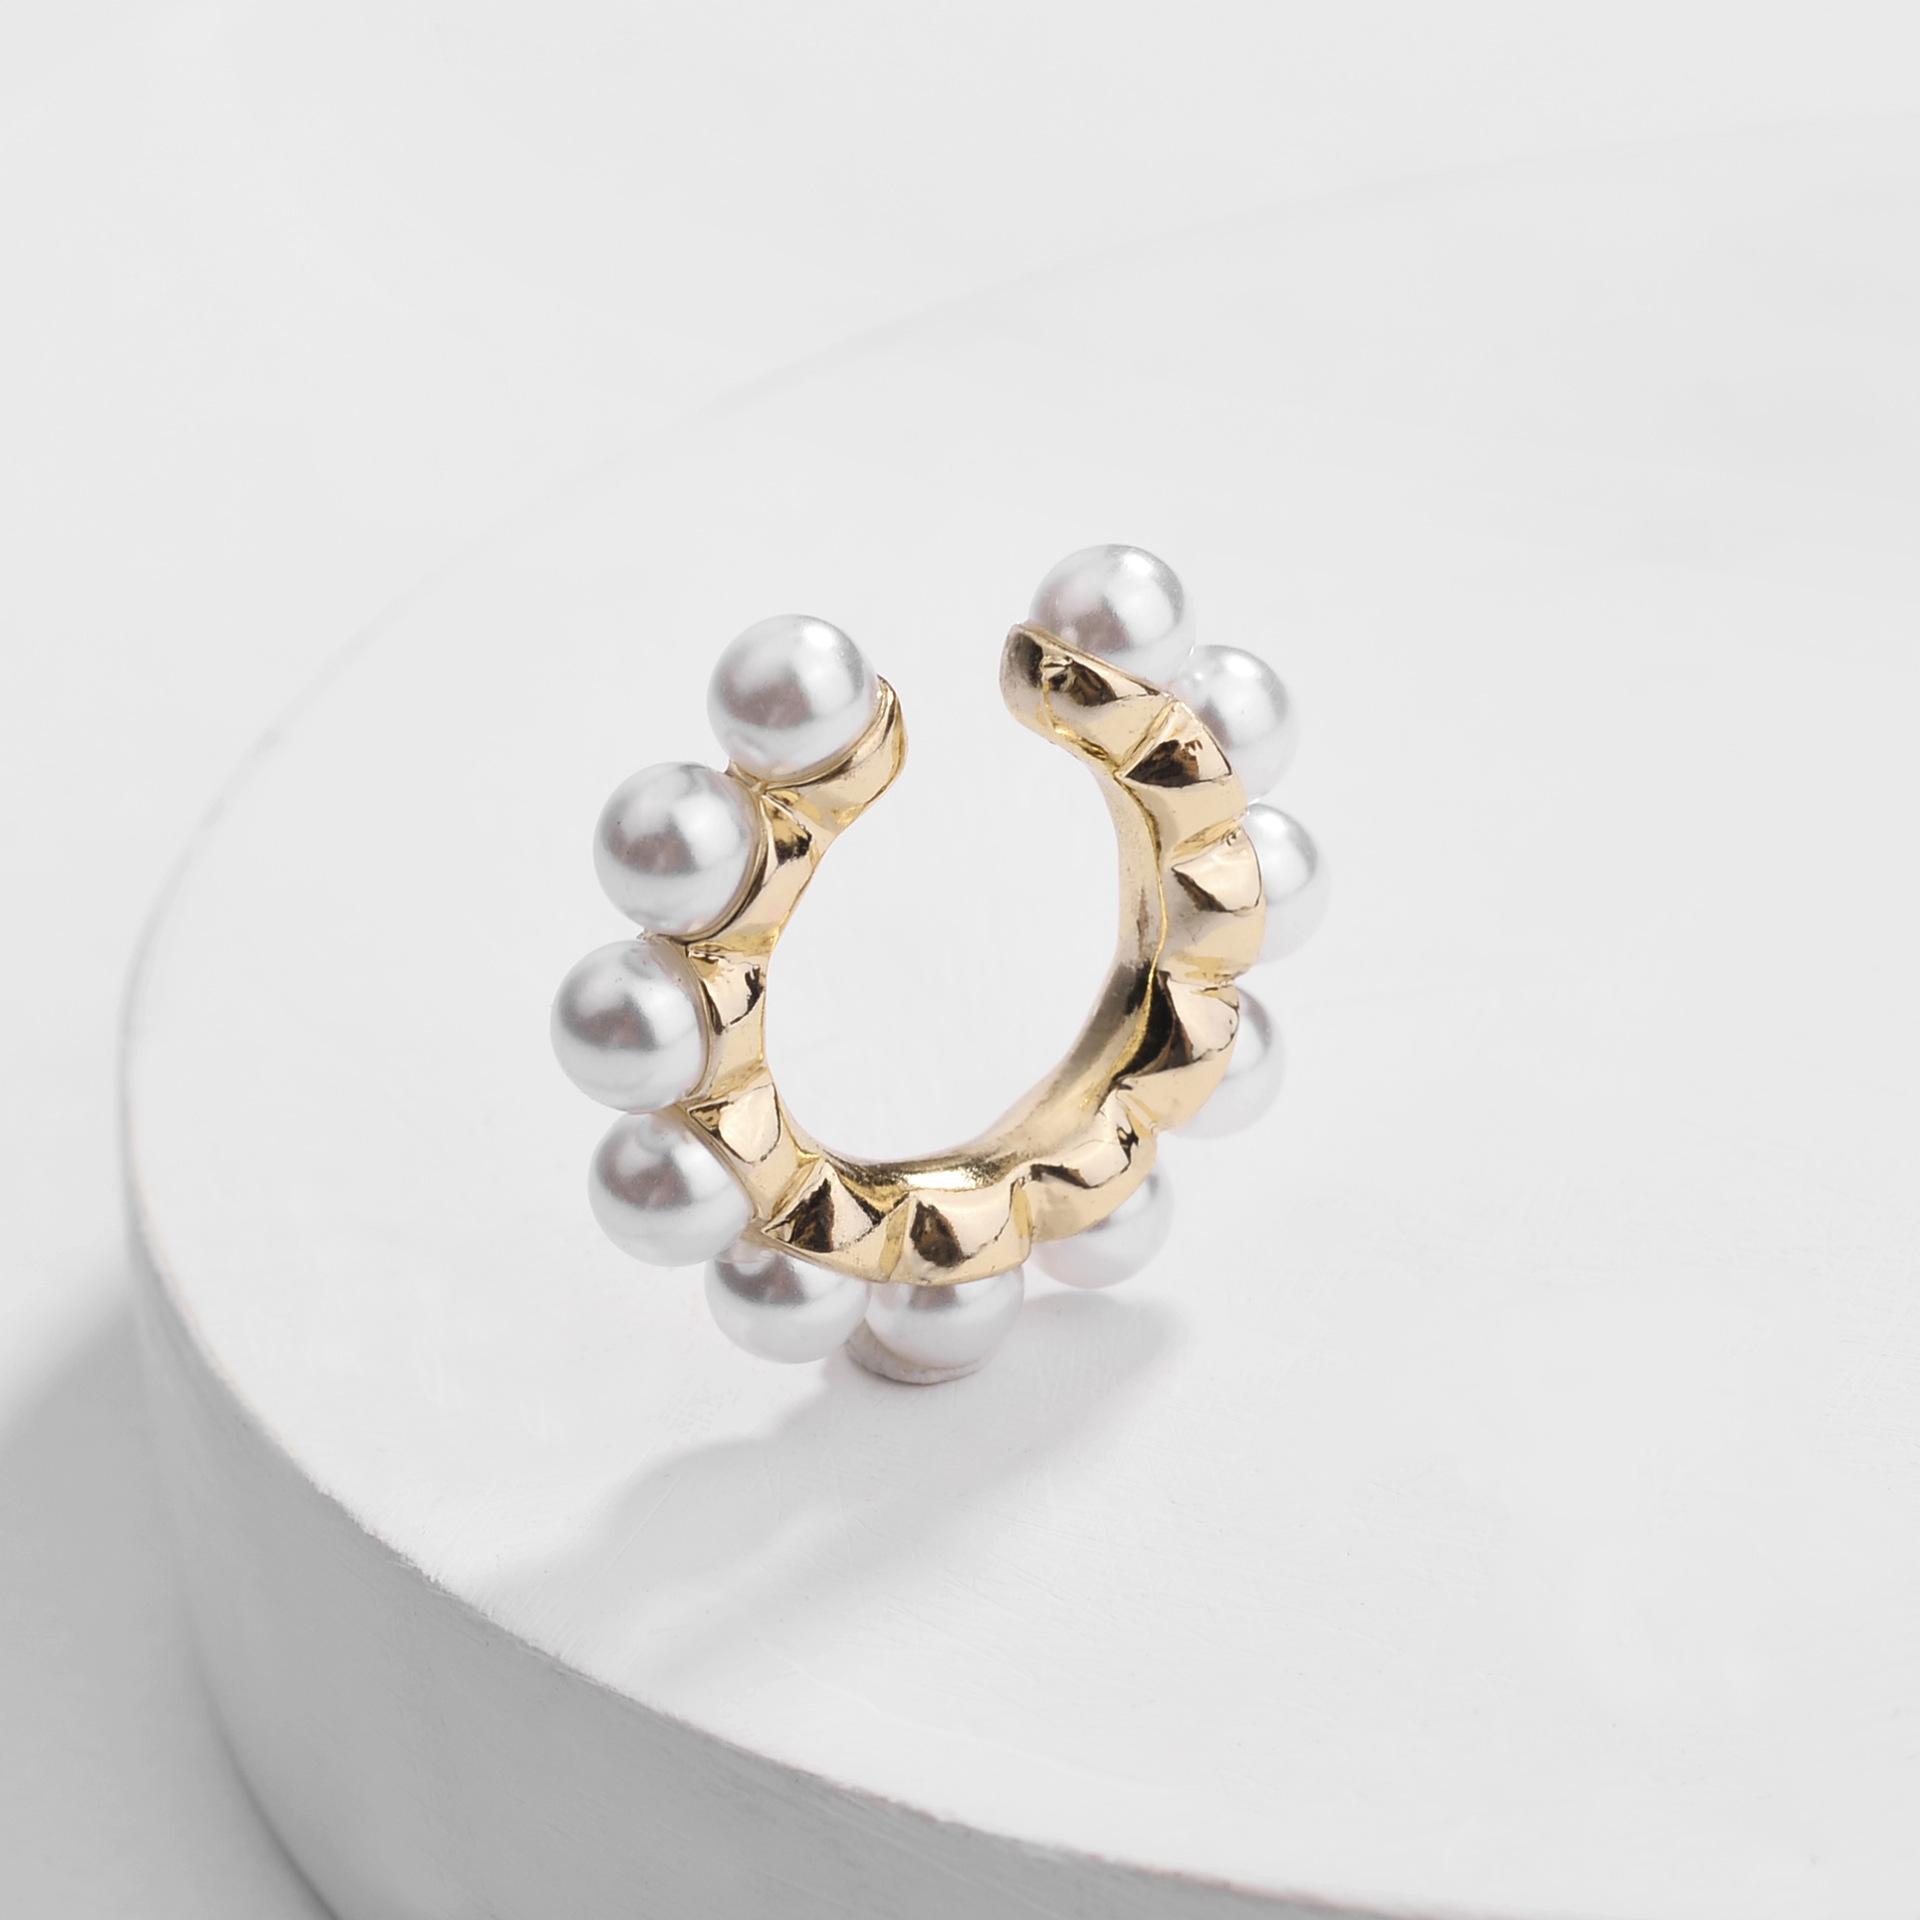 2020 ヨーロッパとアメリカのファッションゴールドプレート合金パールイヤリングなし穴耳カフなしピアス女性のための